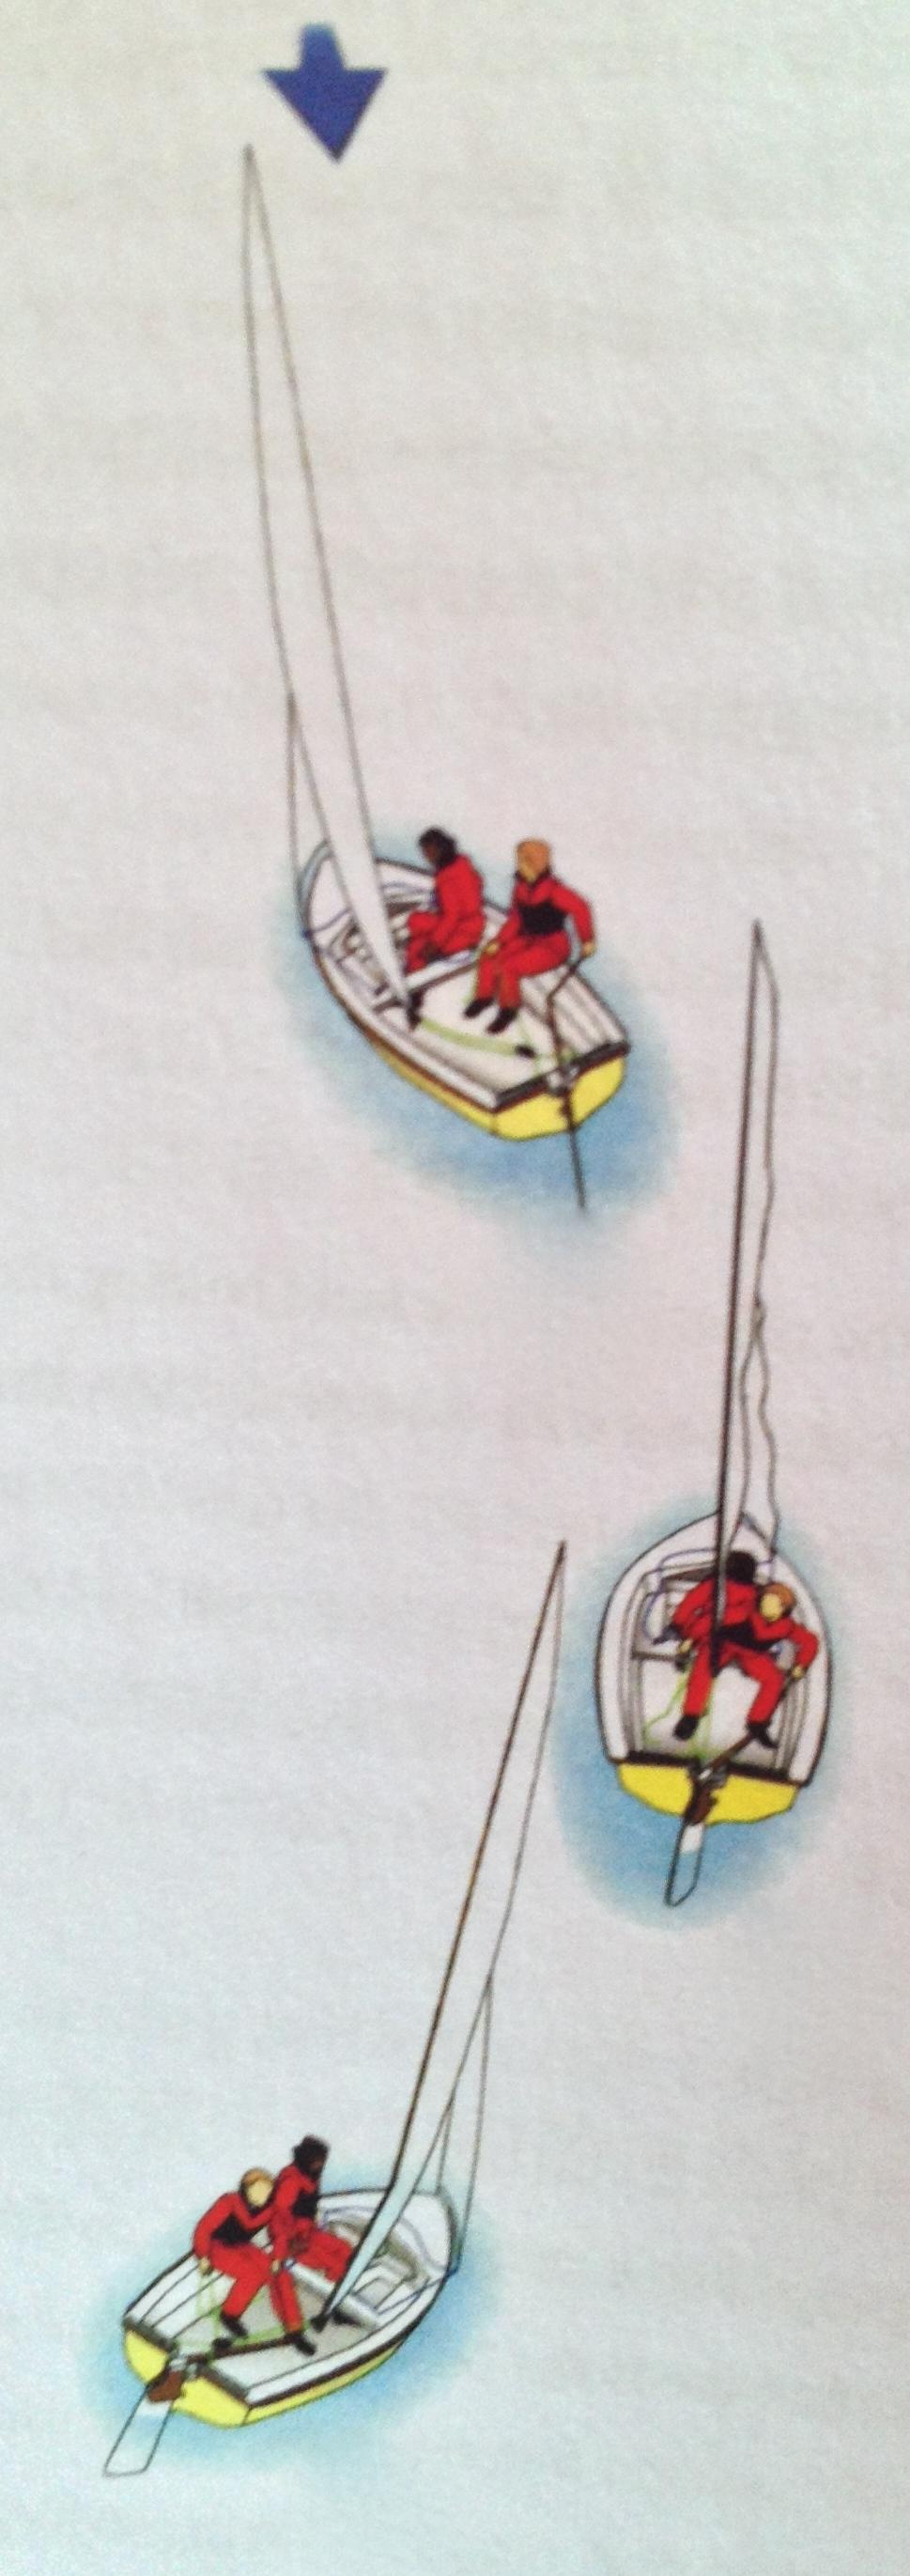 转向就是把船头调离原来的方向和路线,穿越过正顶风之后,驶向另一个方向。 9f.jpg